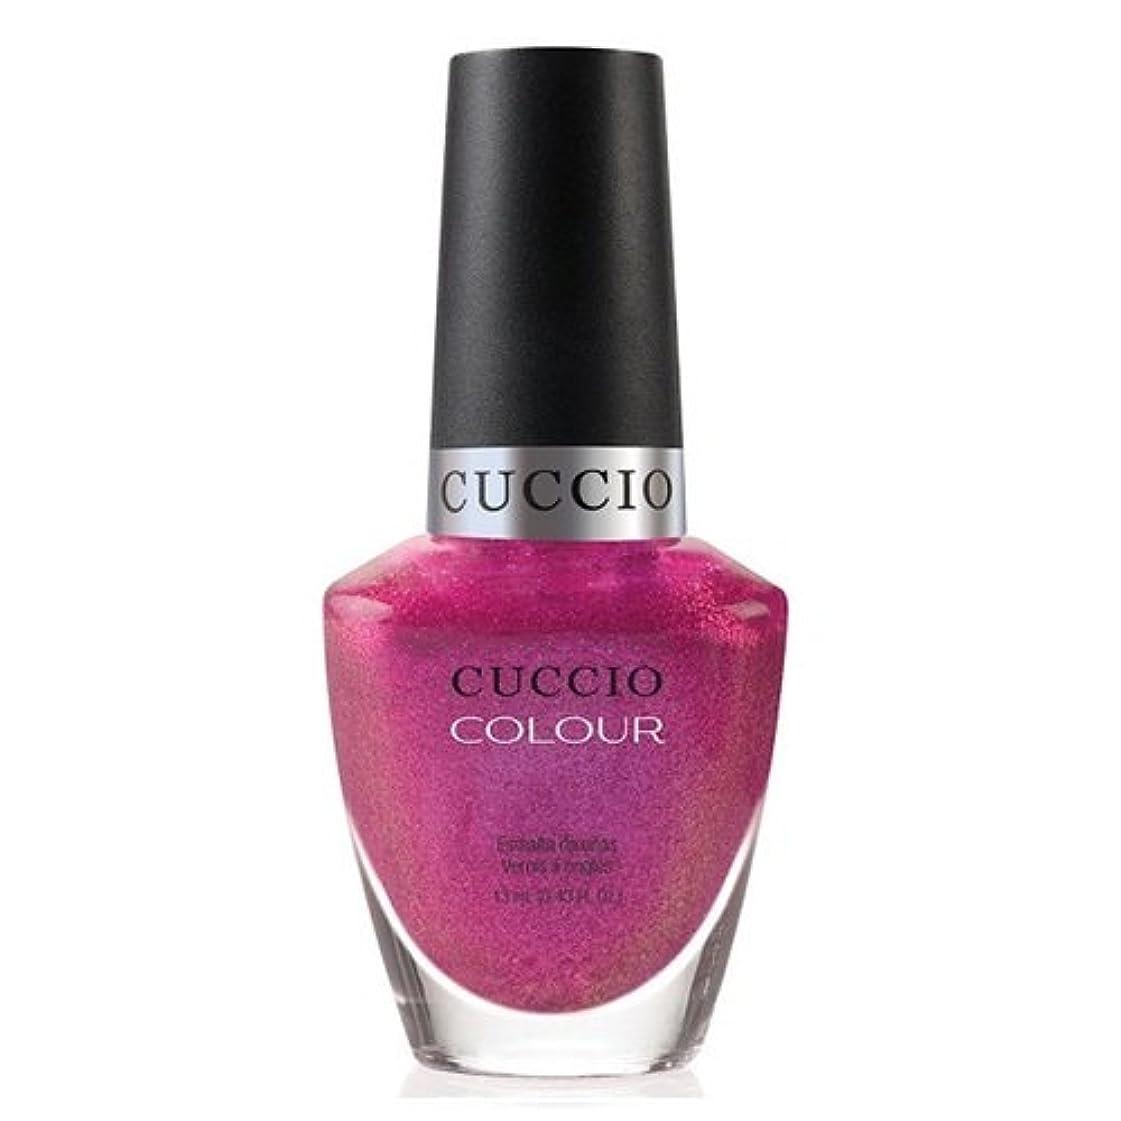 望ましい冷笑する騒々しいCuccio Colour Gloss Lacquer - Femme Fatale - 0.43oz/13ml